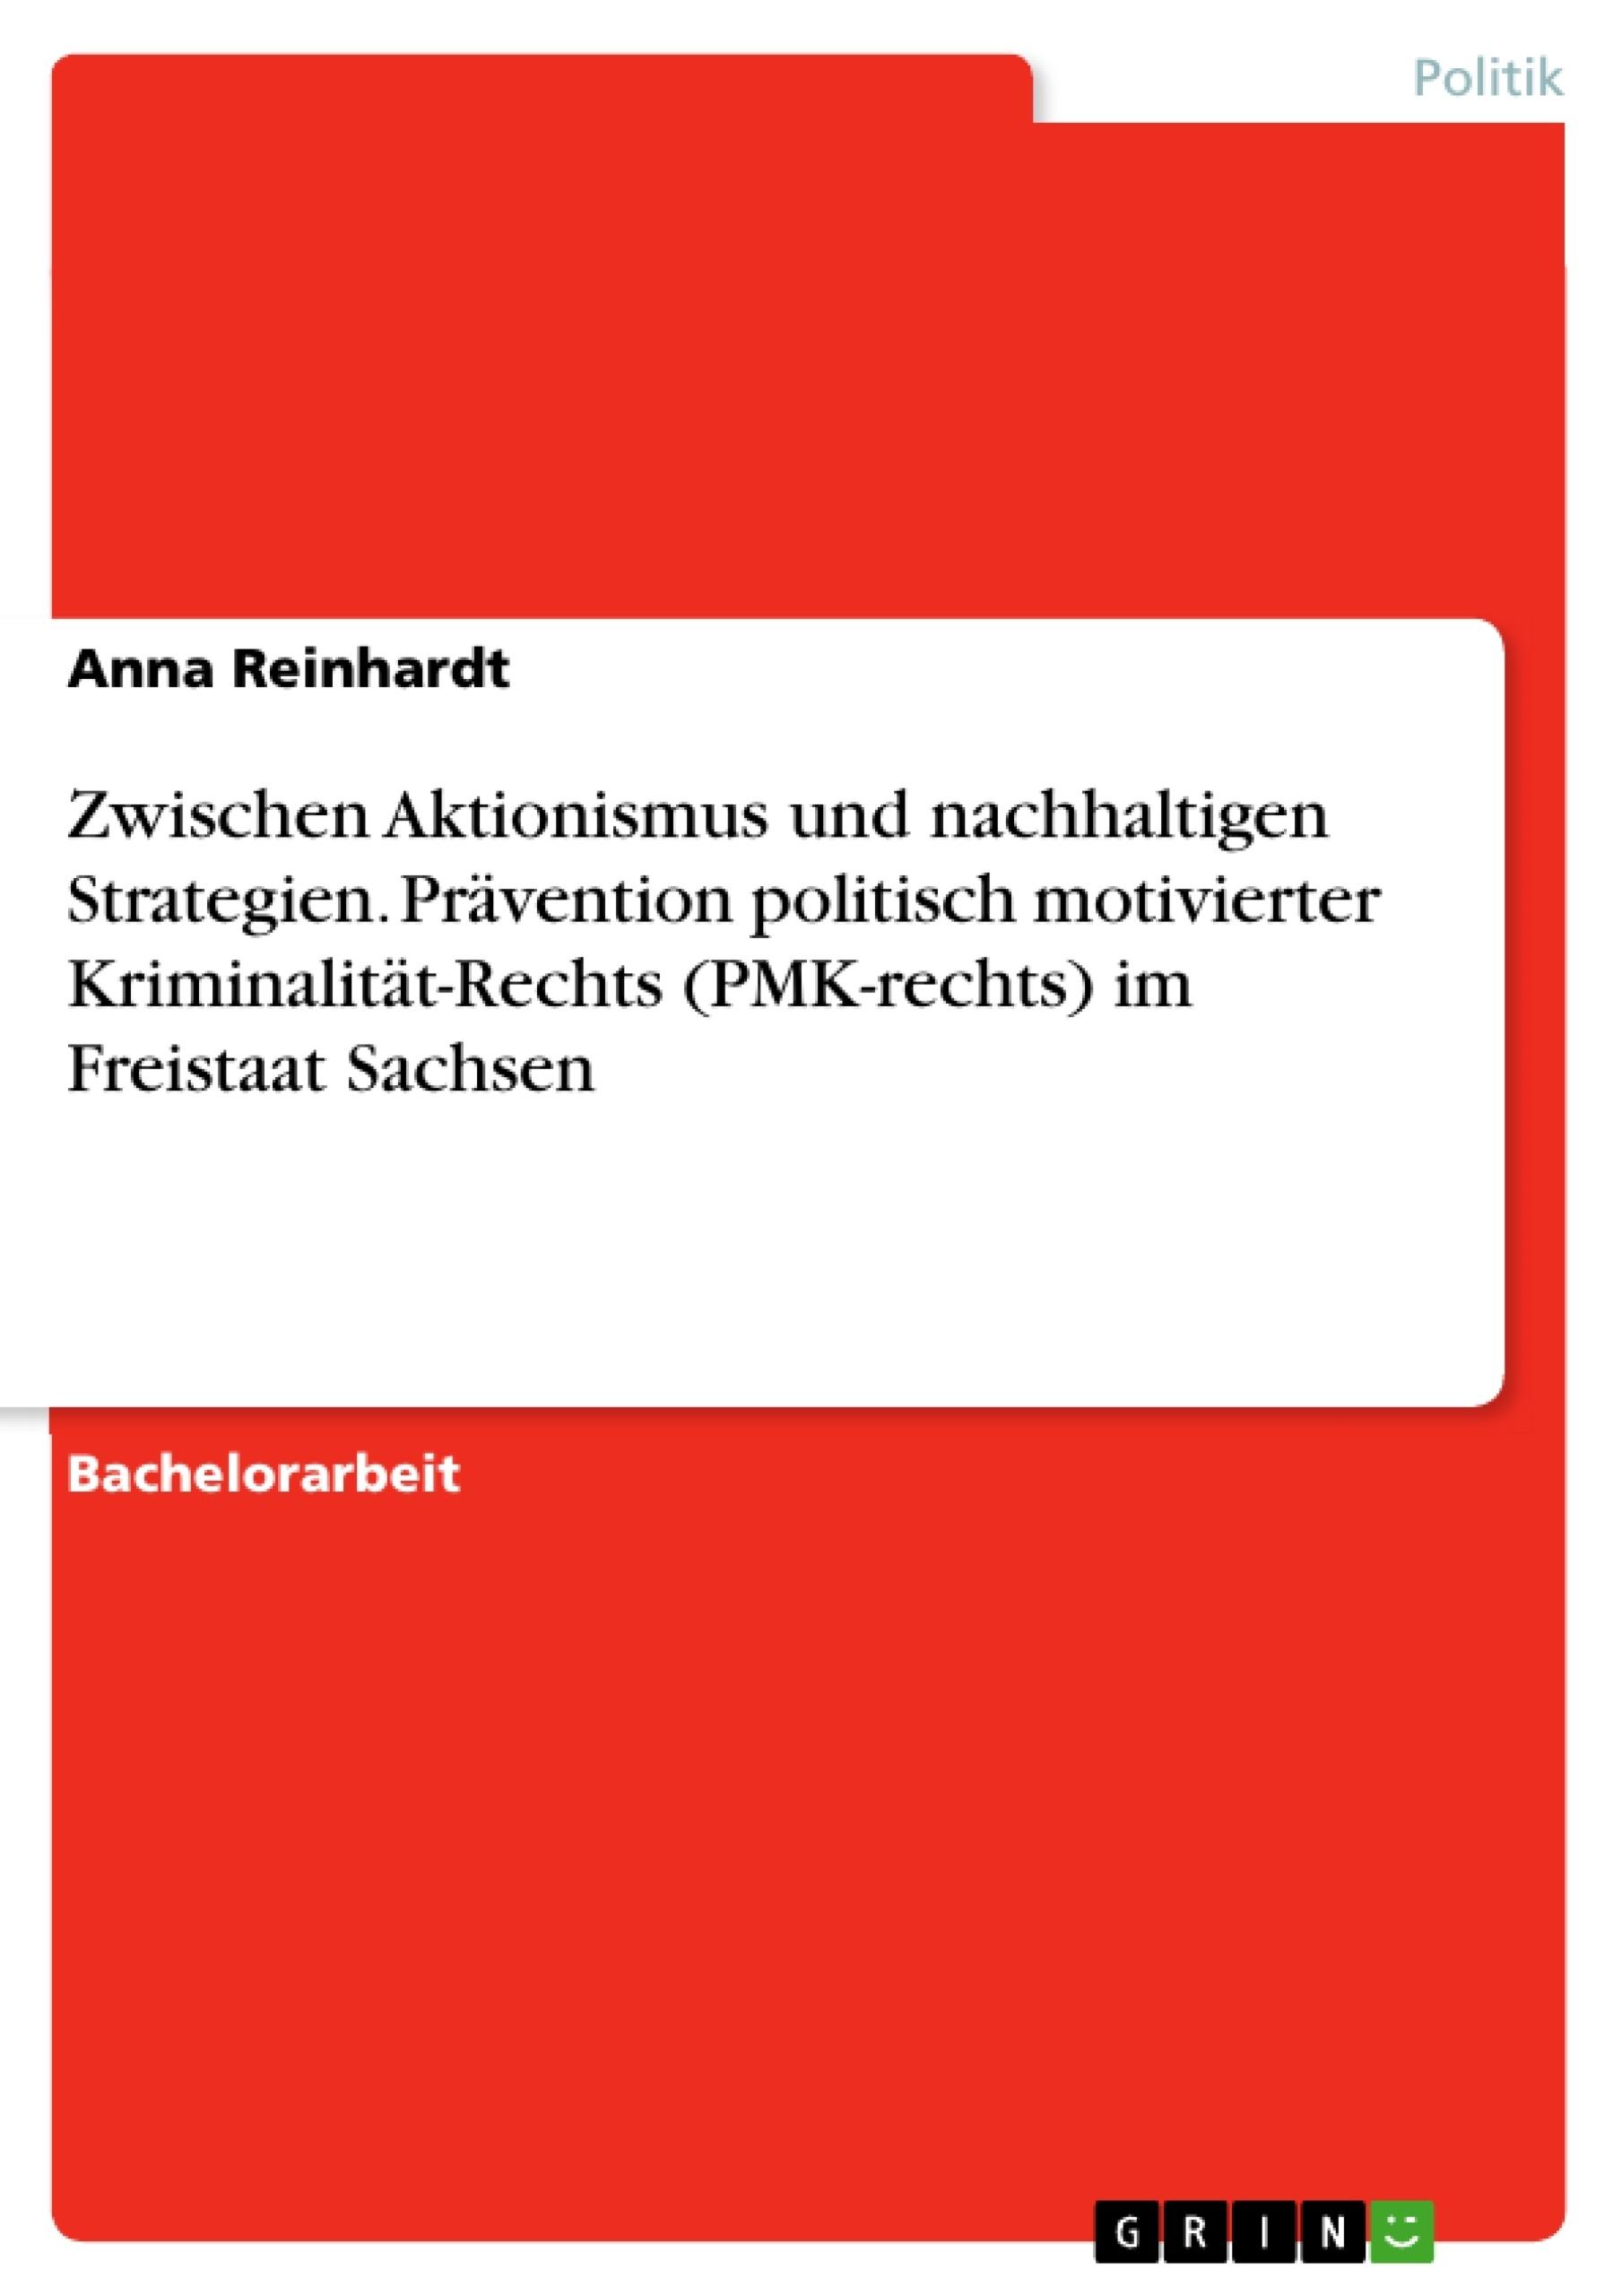 Titel: Zwischen Aktionismus und nachhaltigen Strategien. Prävention politisch motivierter Kriminalität-Rechts (PMK-rechts) im Freistaat Sachsen